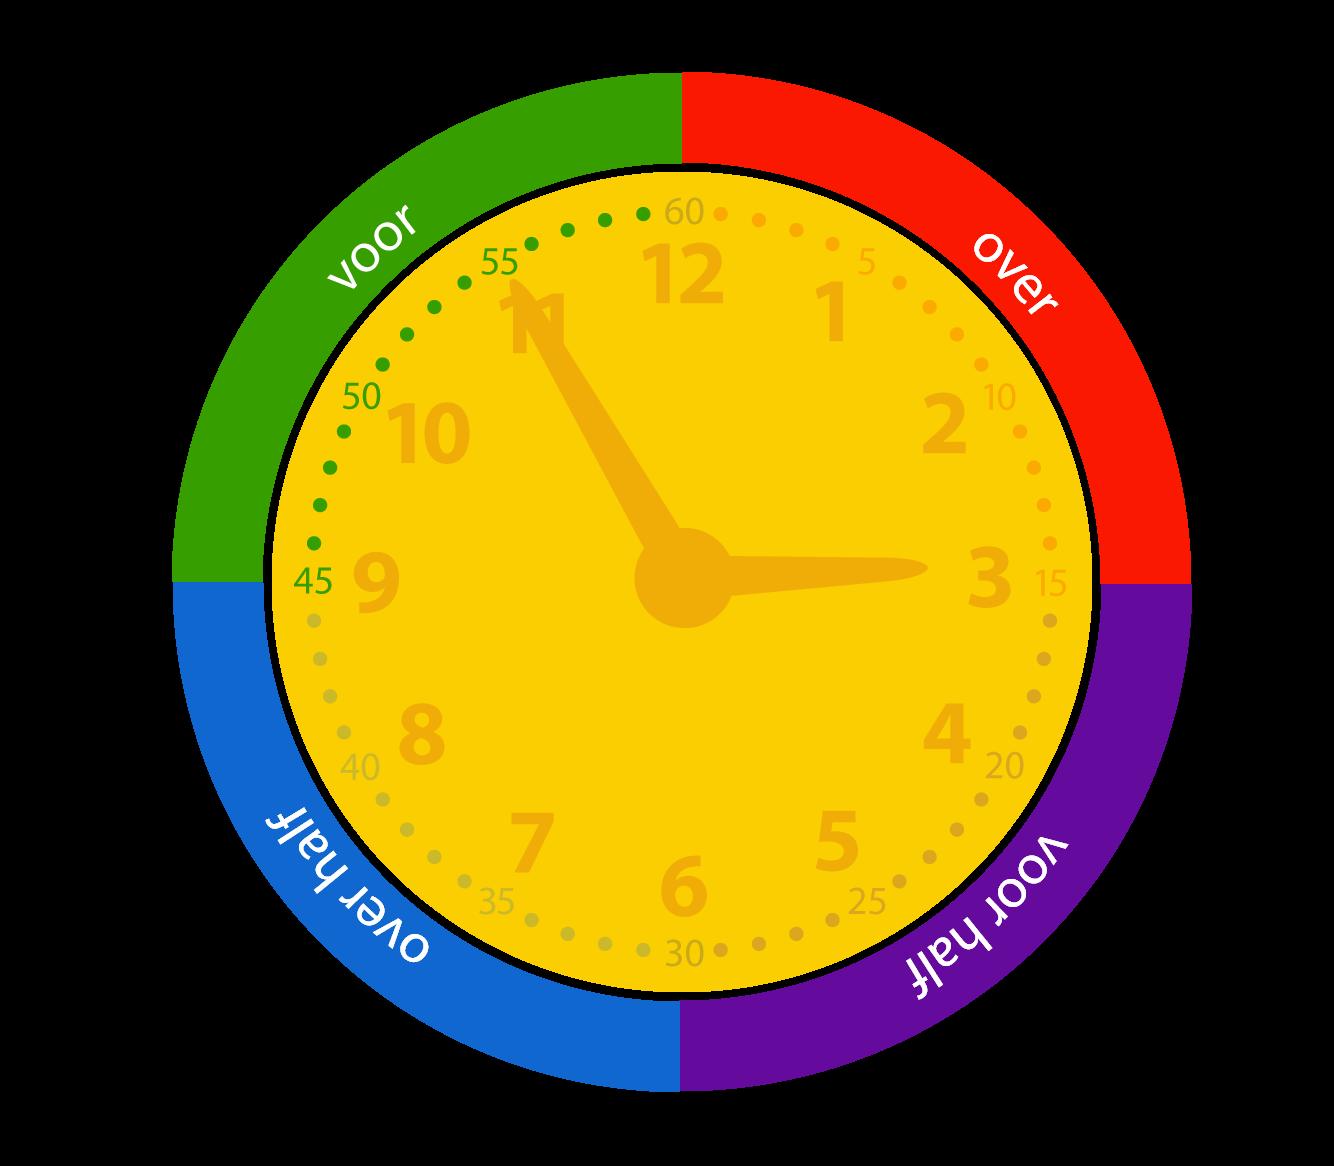 Klokkijken. Minuten voor heel uur.